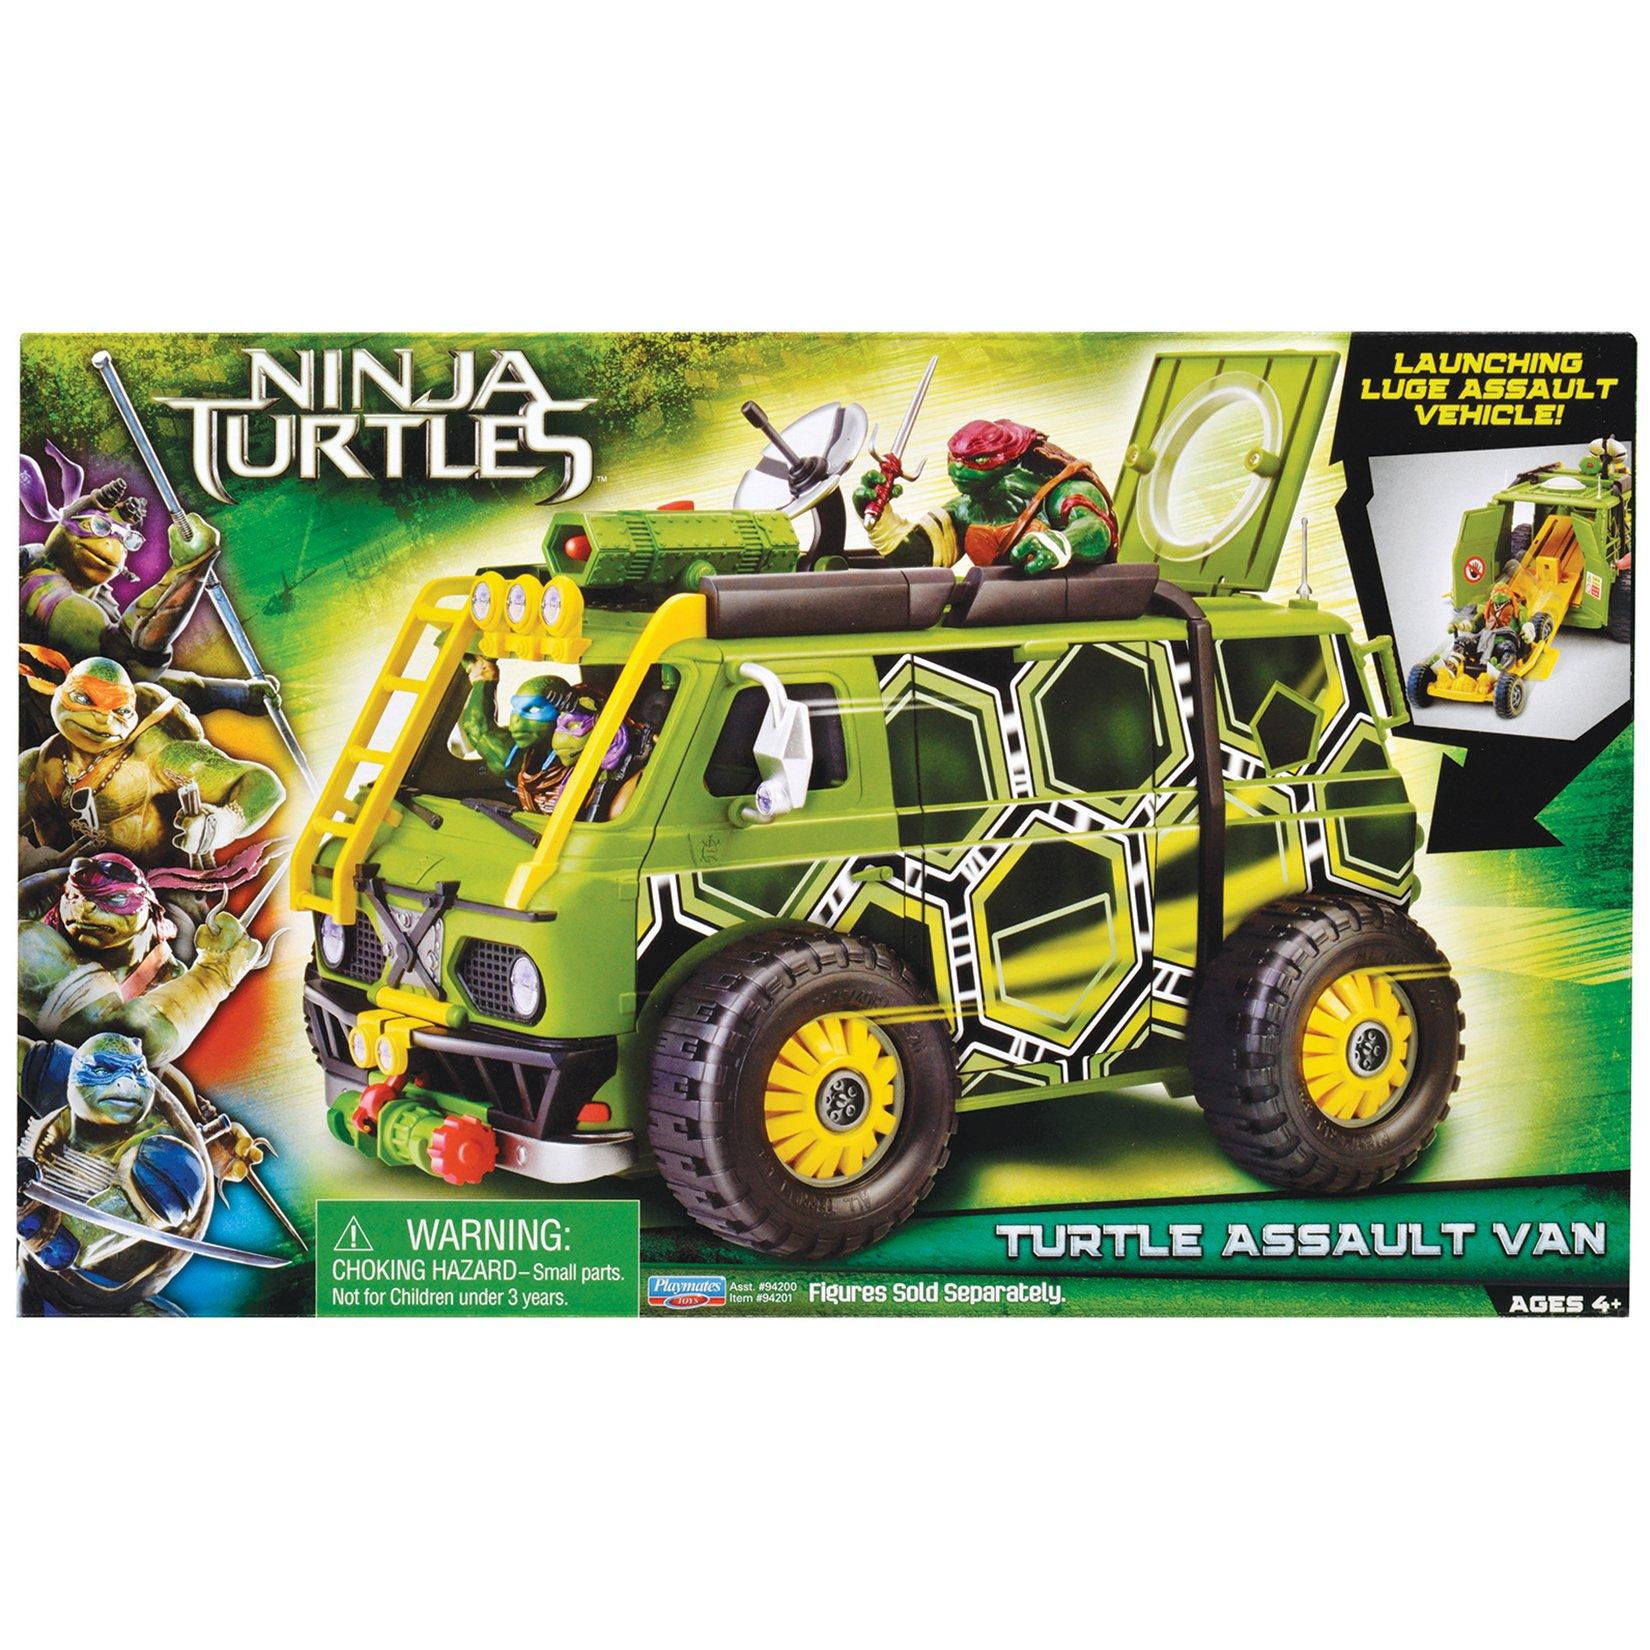 Teenage Mutant Ninja Turtles Movie Van by Nickelodeon (Image #5)